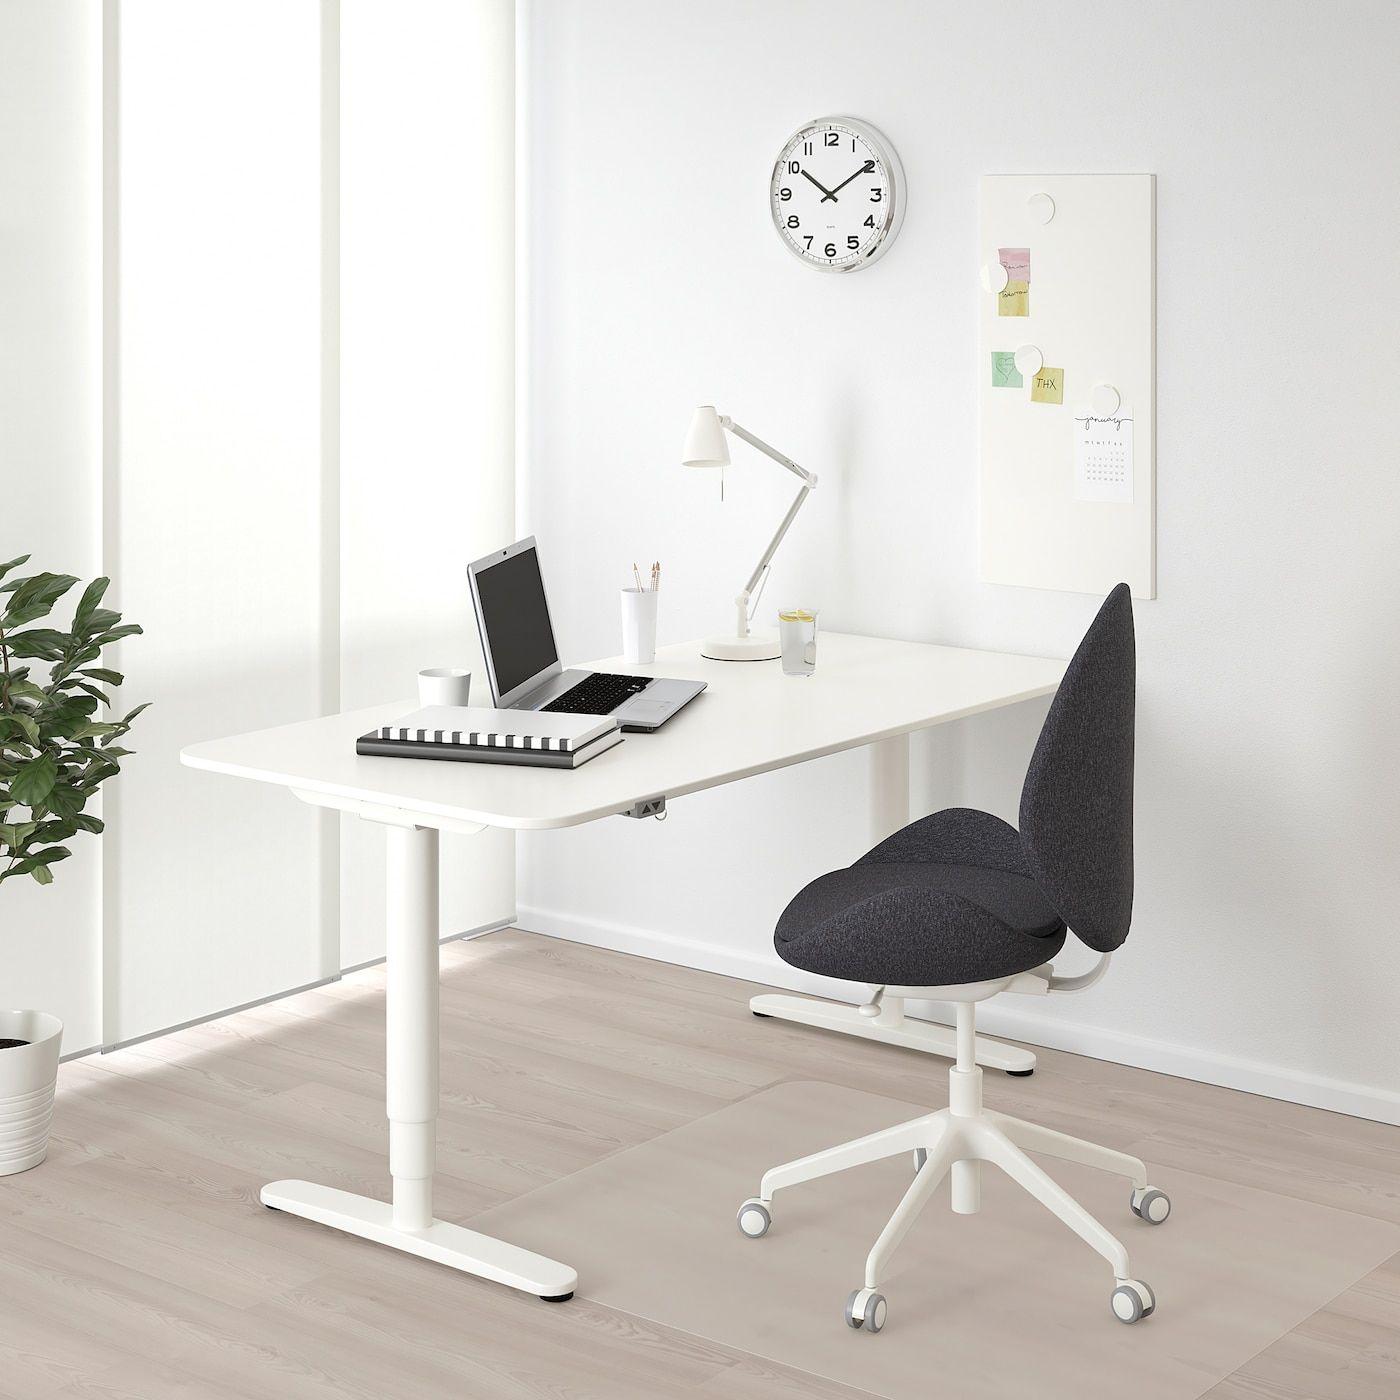 Bekant Desk Sit Stand White Ikea In 2020 Ikea Bekant Ikea Bekant Desk White Desks